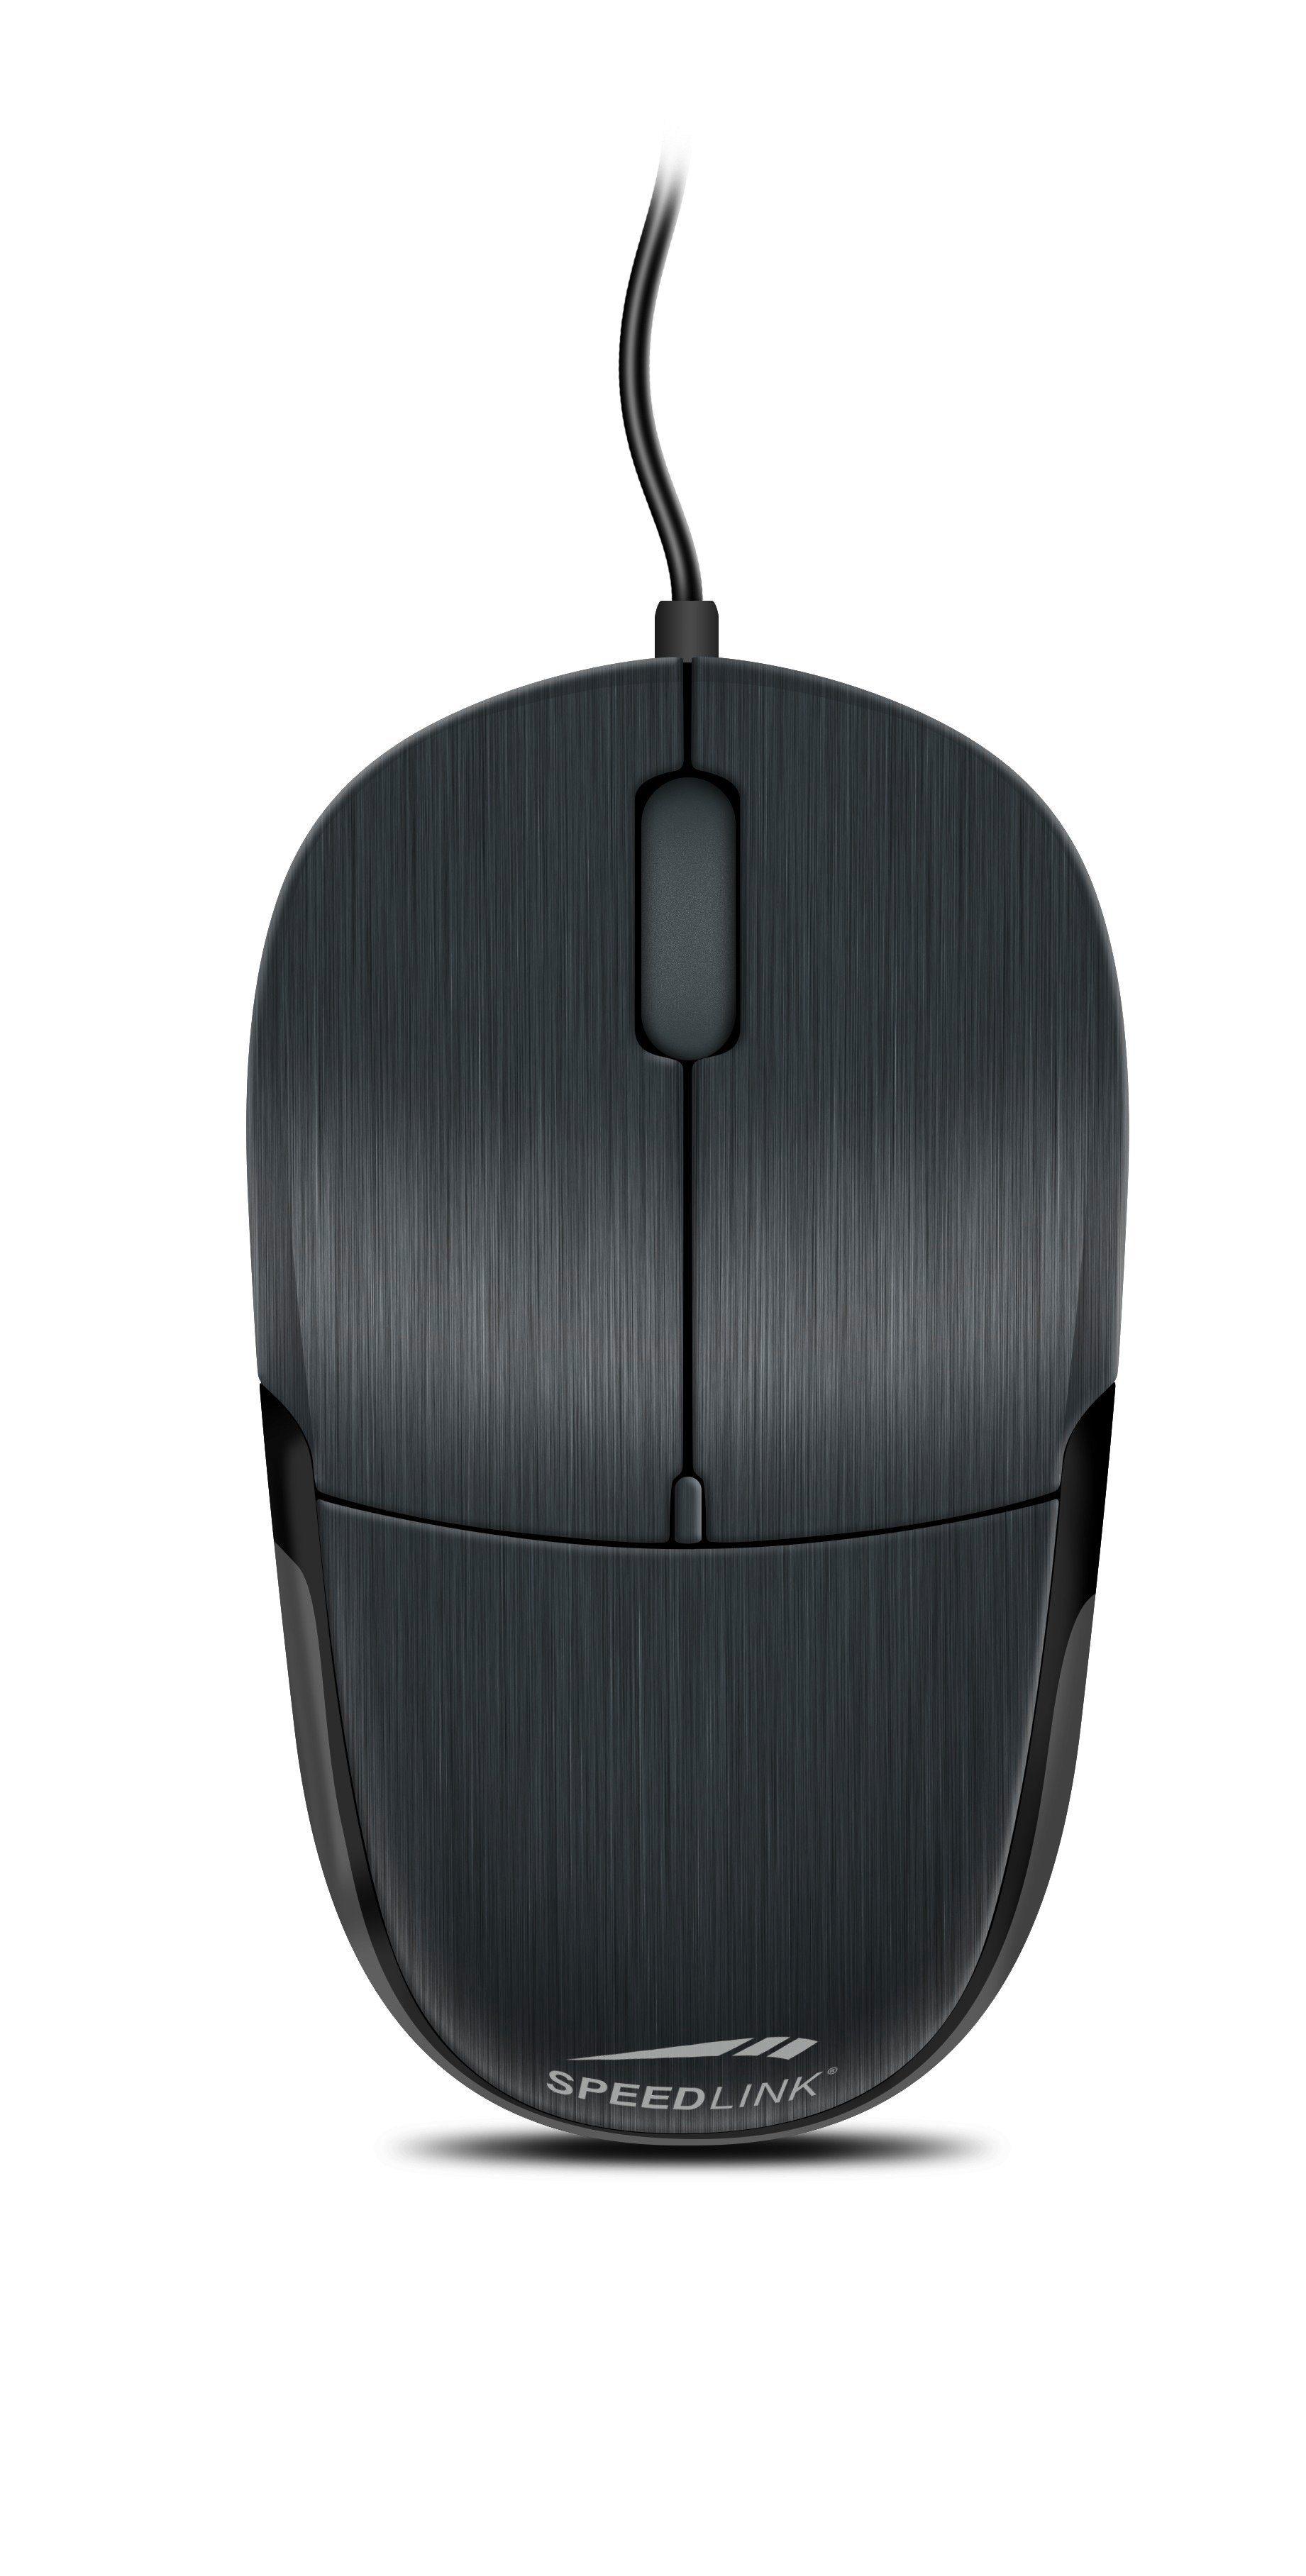 SPEEDLINK Maus »JIXSTER 3-Tasten Maus«